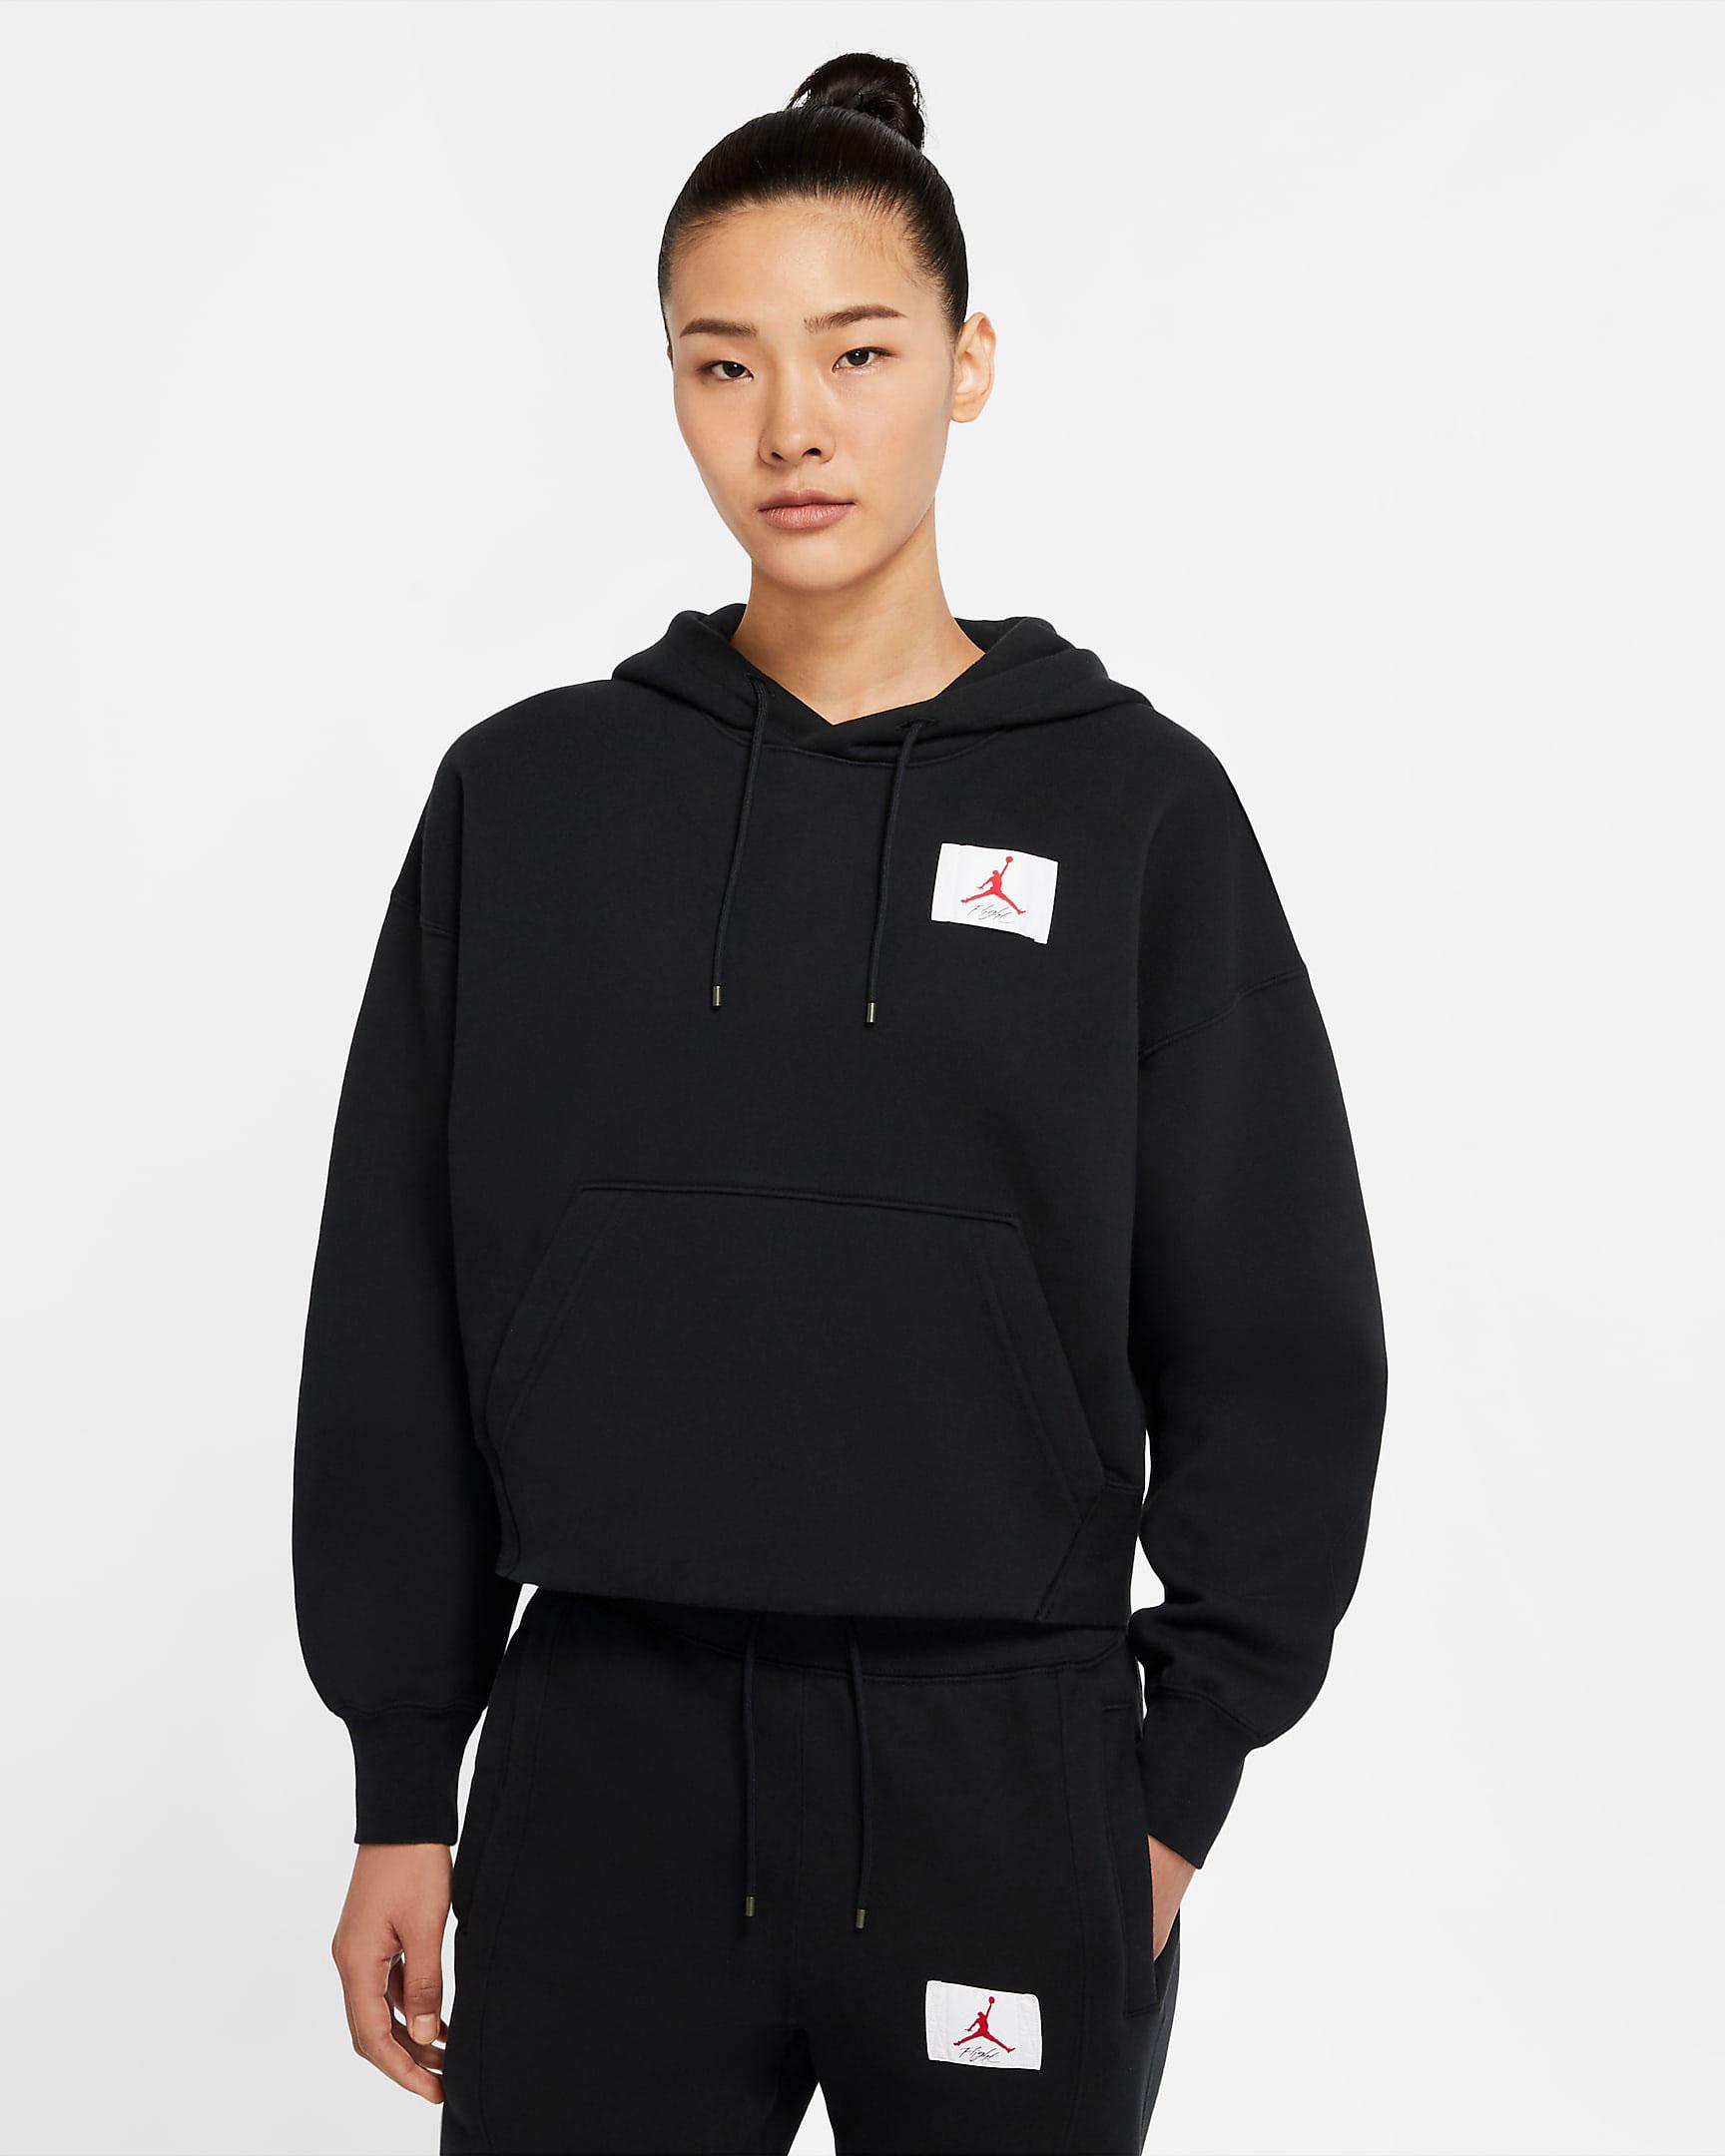 jordan-womens-flight-hoodie-black